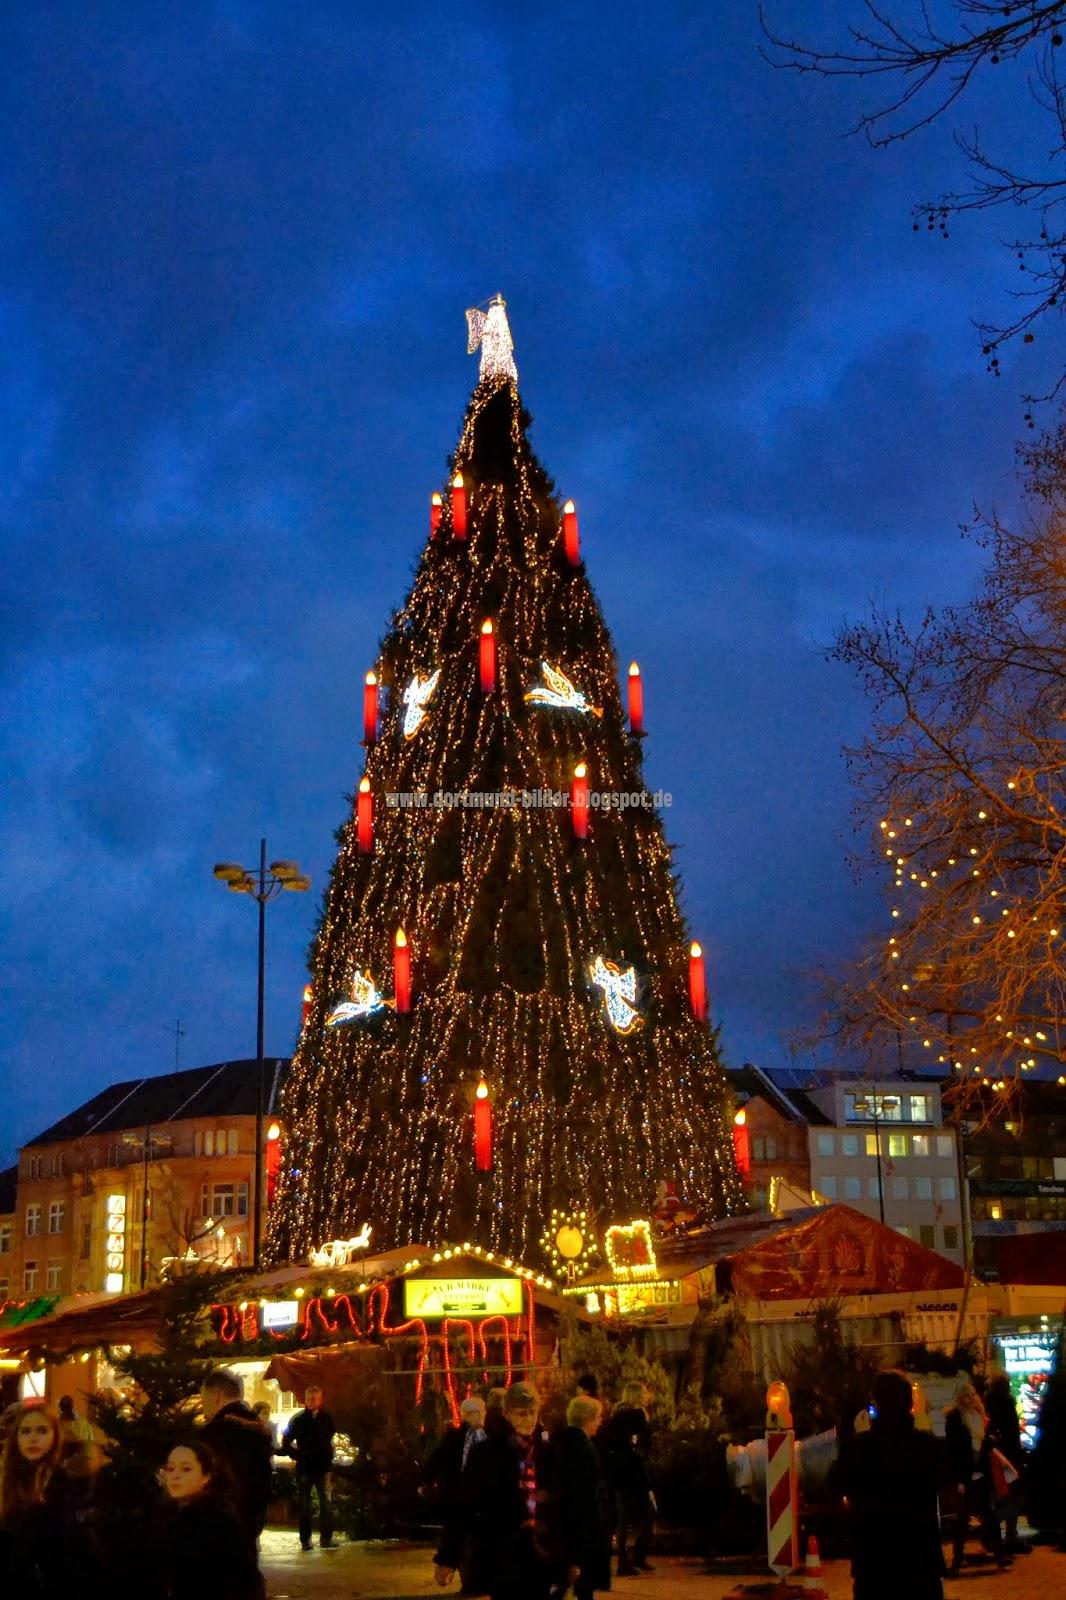 Dortmund Weihnachtsbaum.Dortmund Bilder Weihnachtsbaum